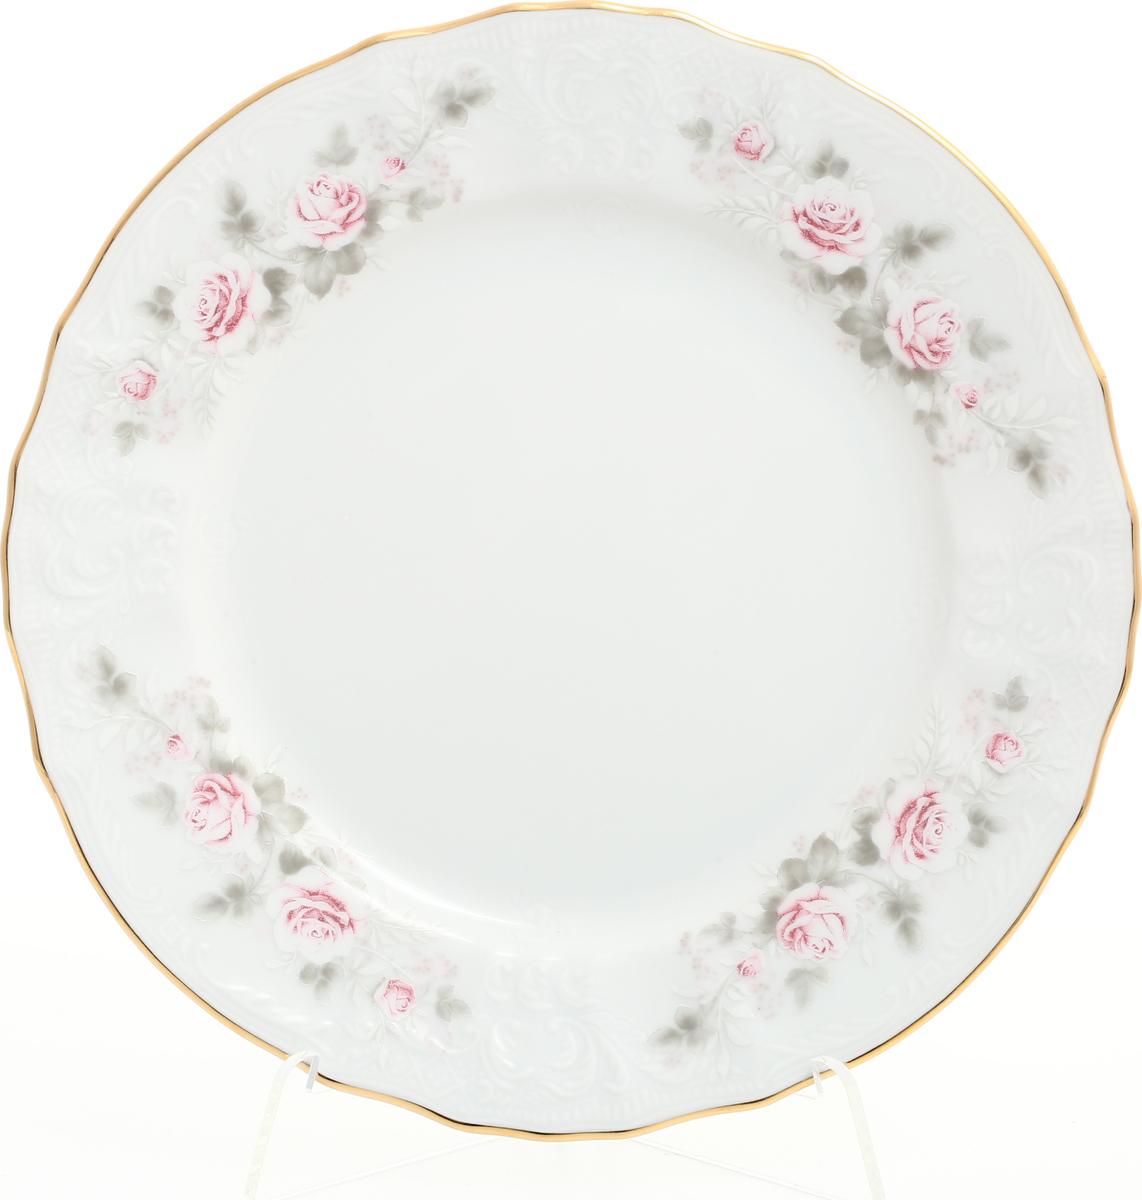 """Набор тарелок Bernadotte """"Серая роза. Золото"""", диаметр 19 см, 6 шт"""